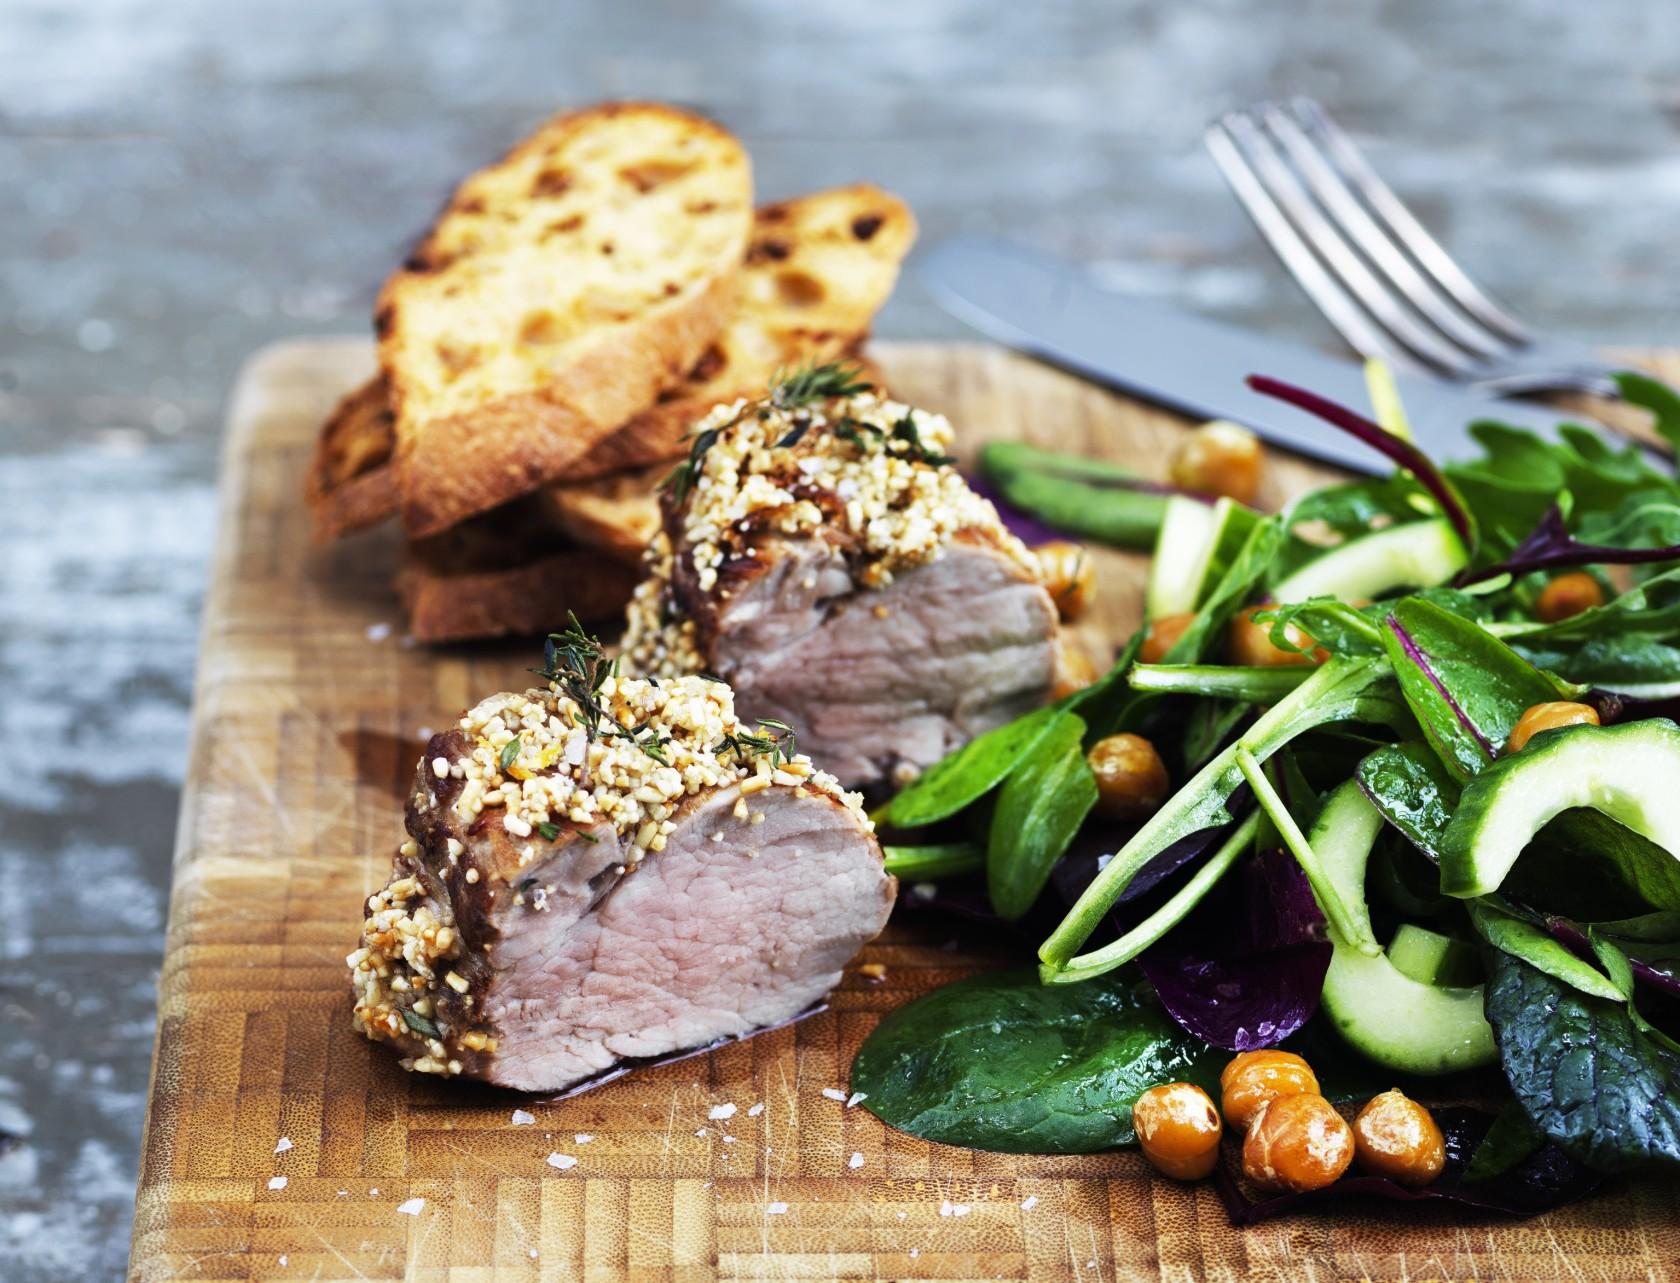 Paneret svinemørbrad med sprød kikærtesalat - perfekt gæstemad!